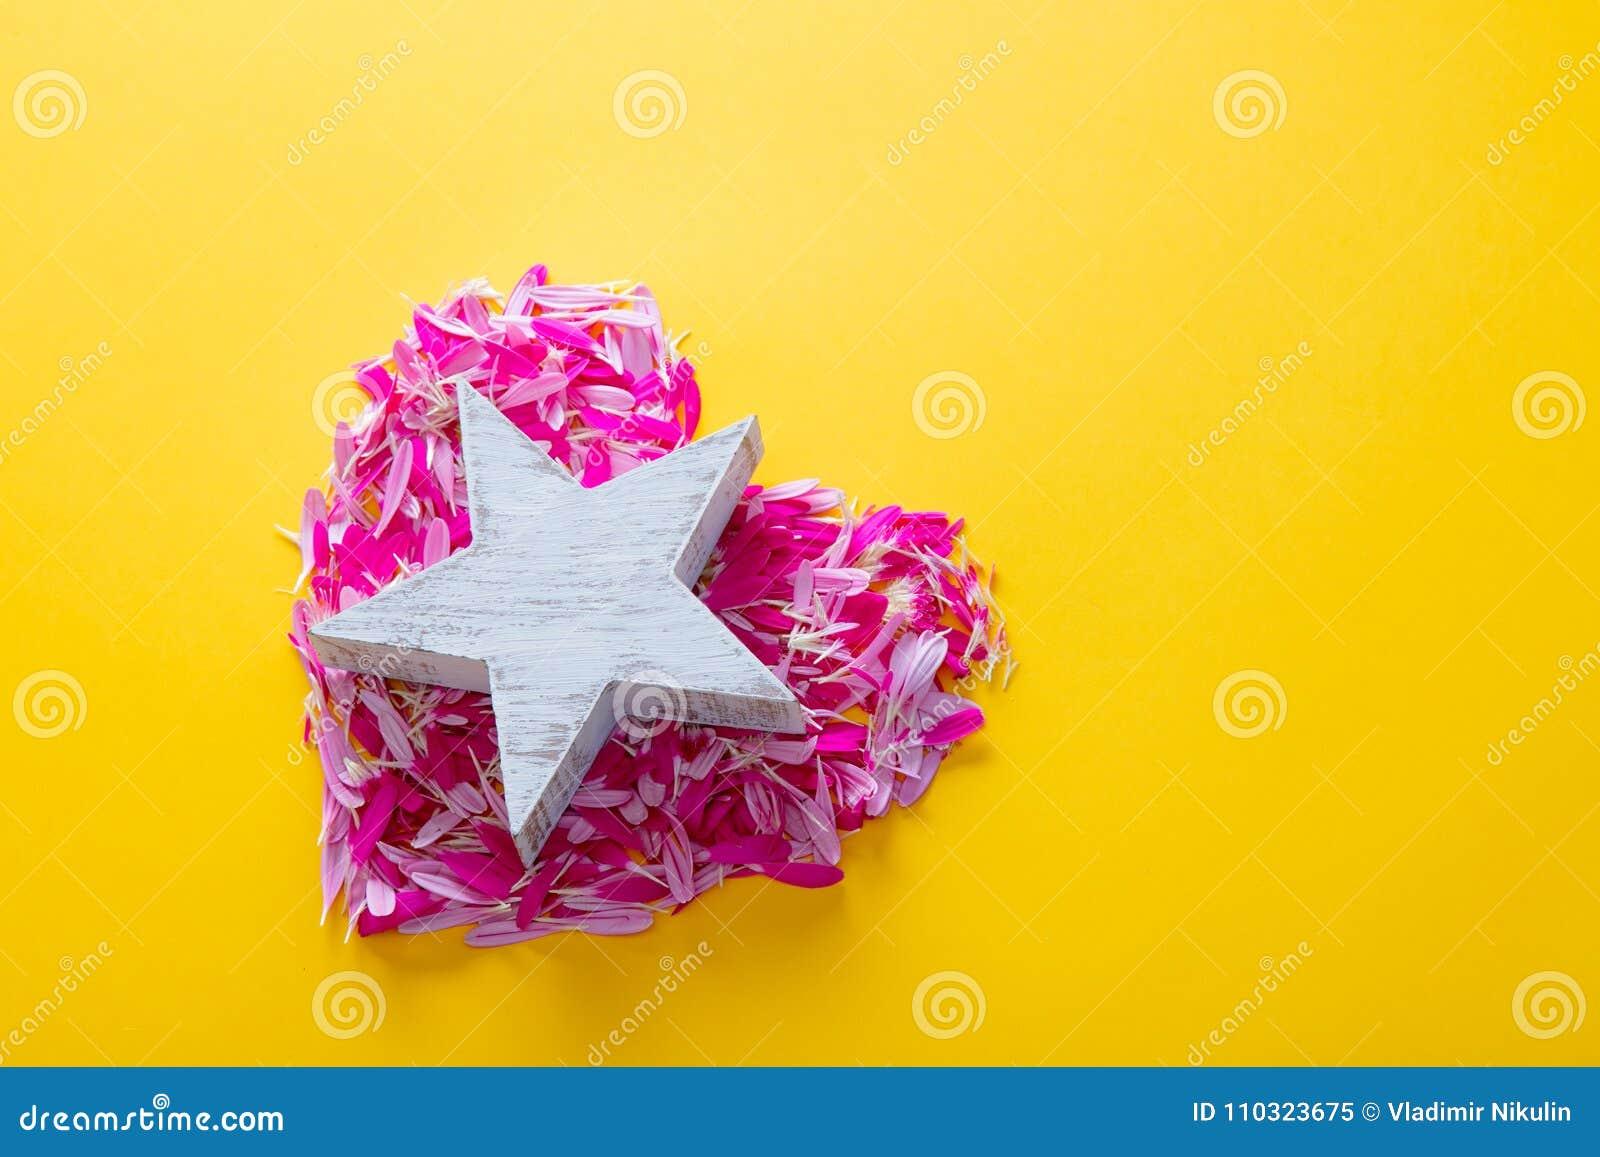 Les Pétales Roses Et Pourpres De Fleur Au Coeur Forment Avec L